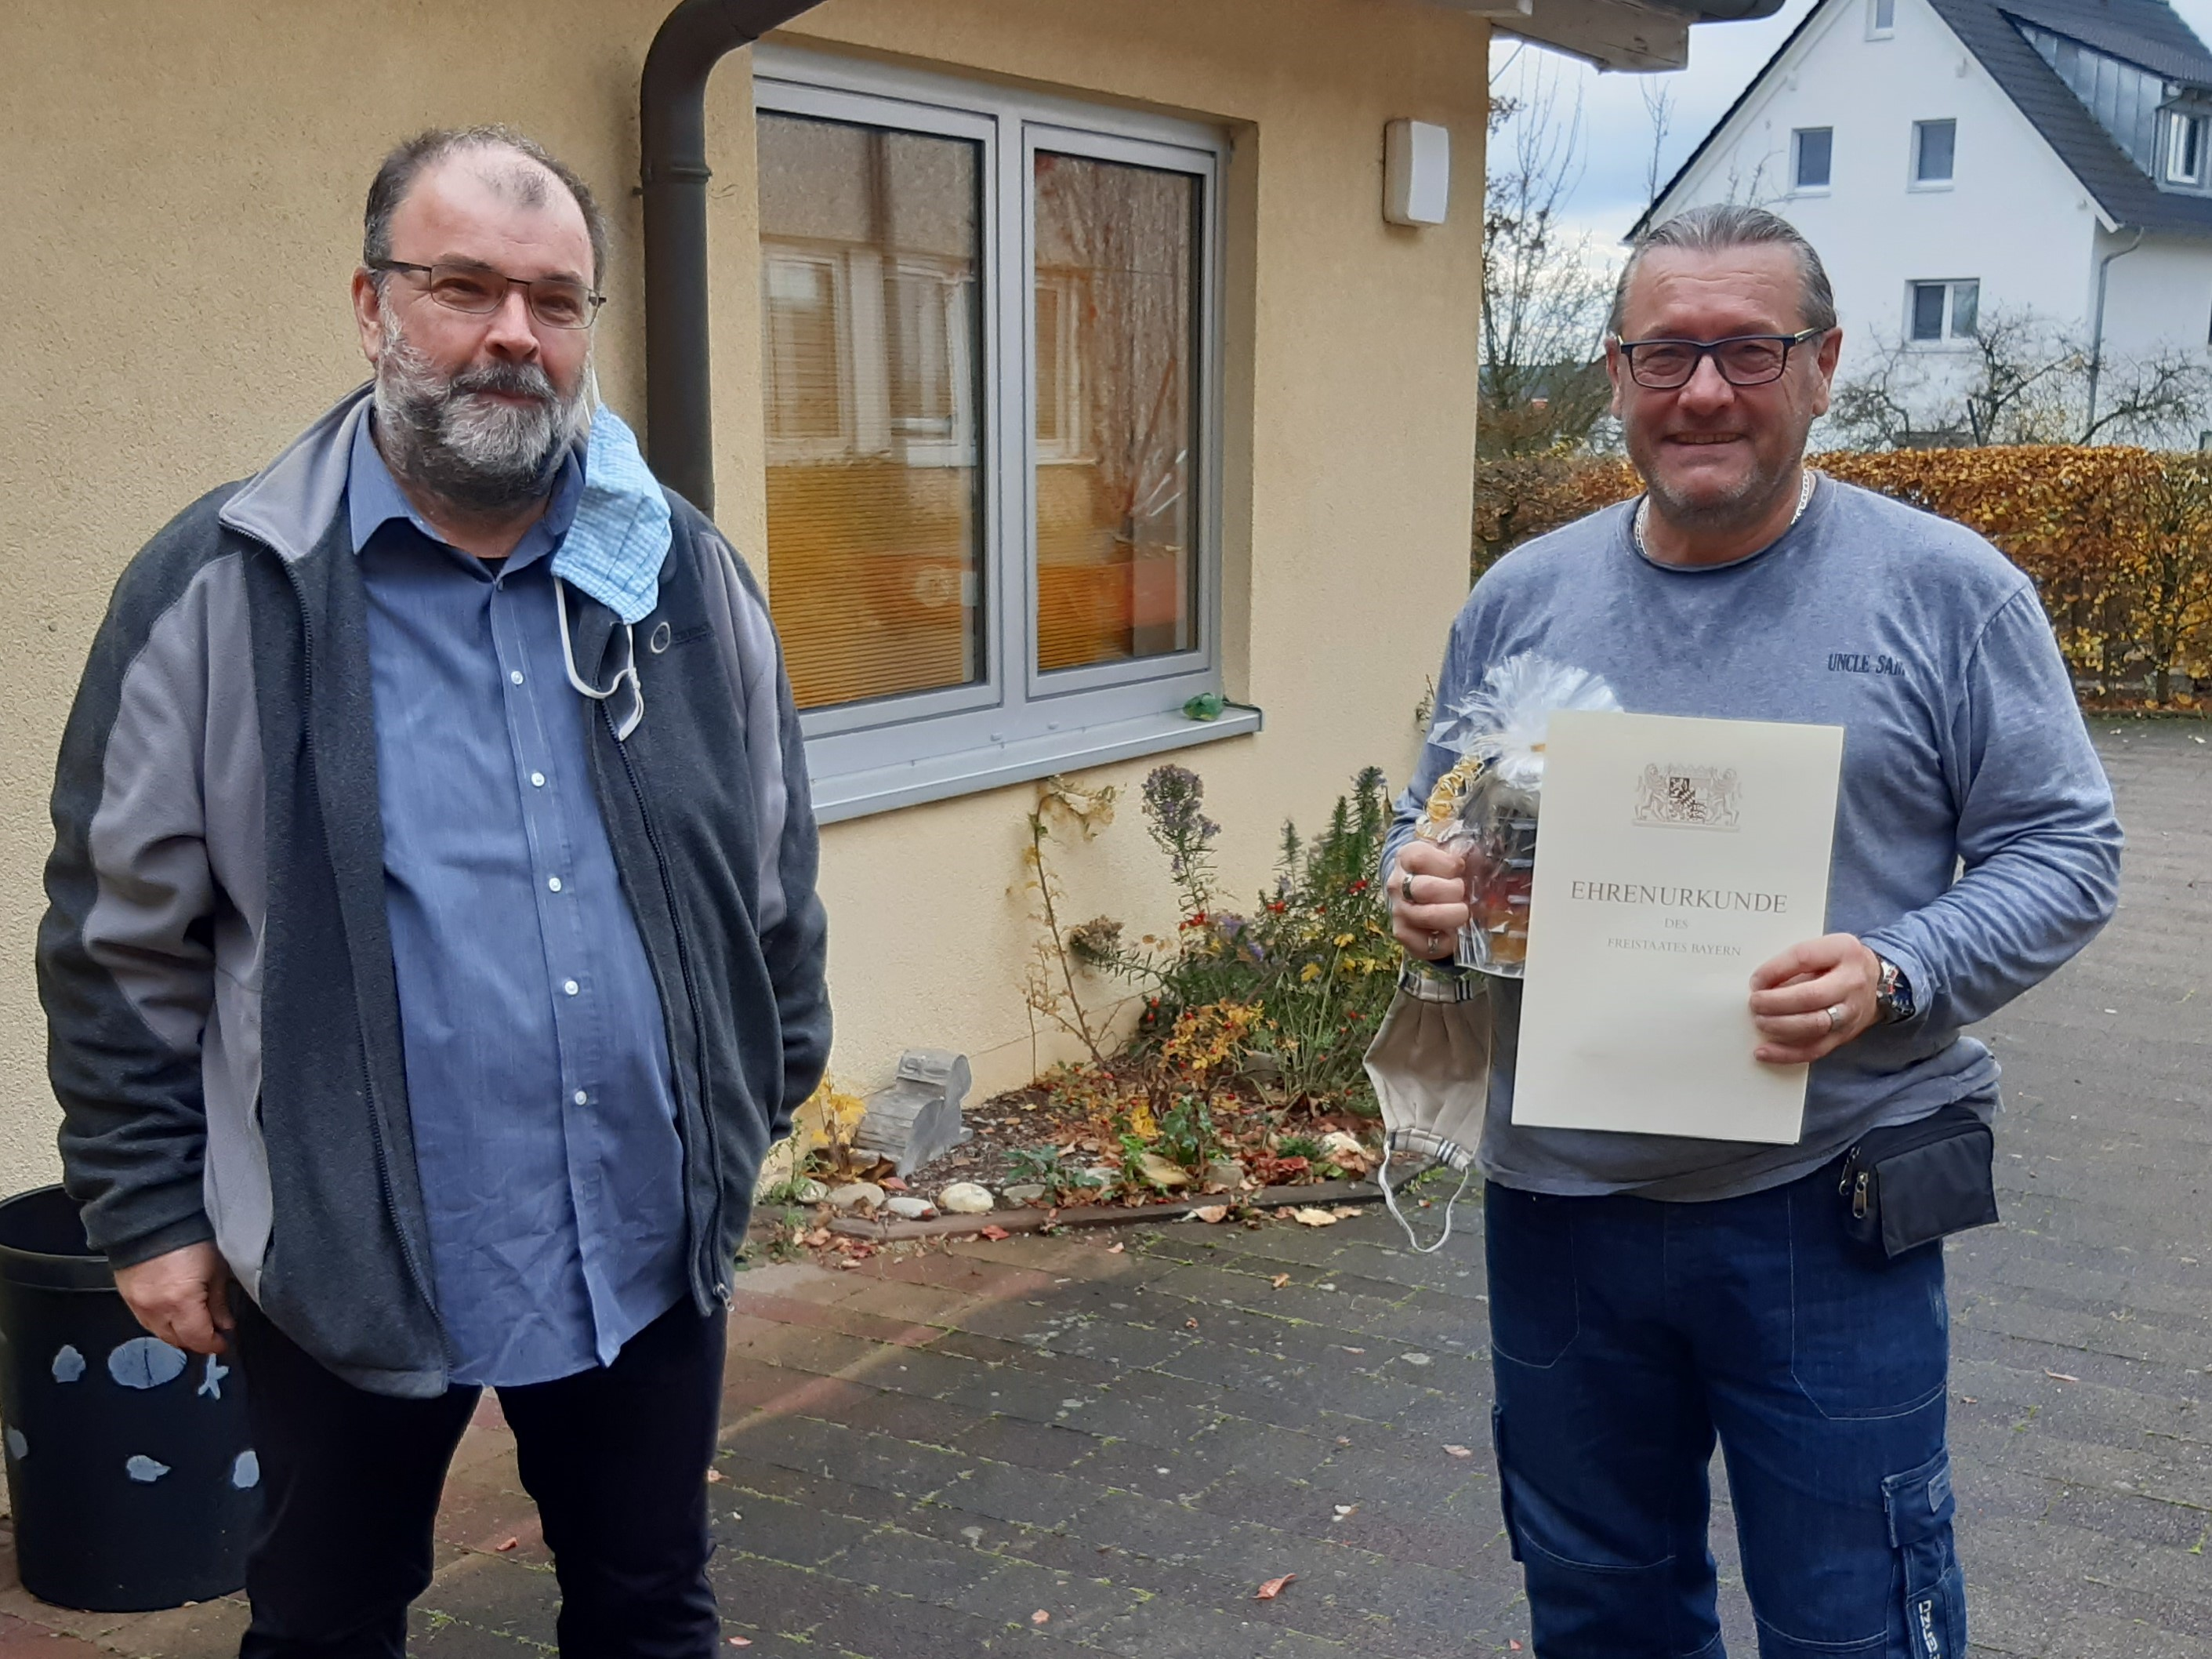 Urkunde für 25-jähriges Dienstjubiläum